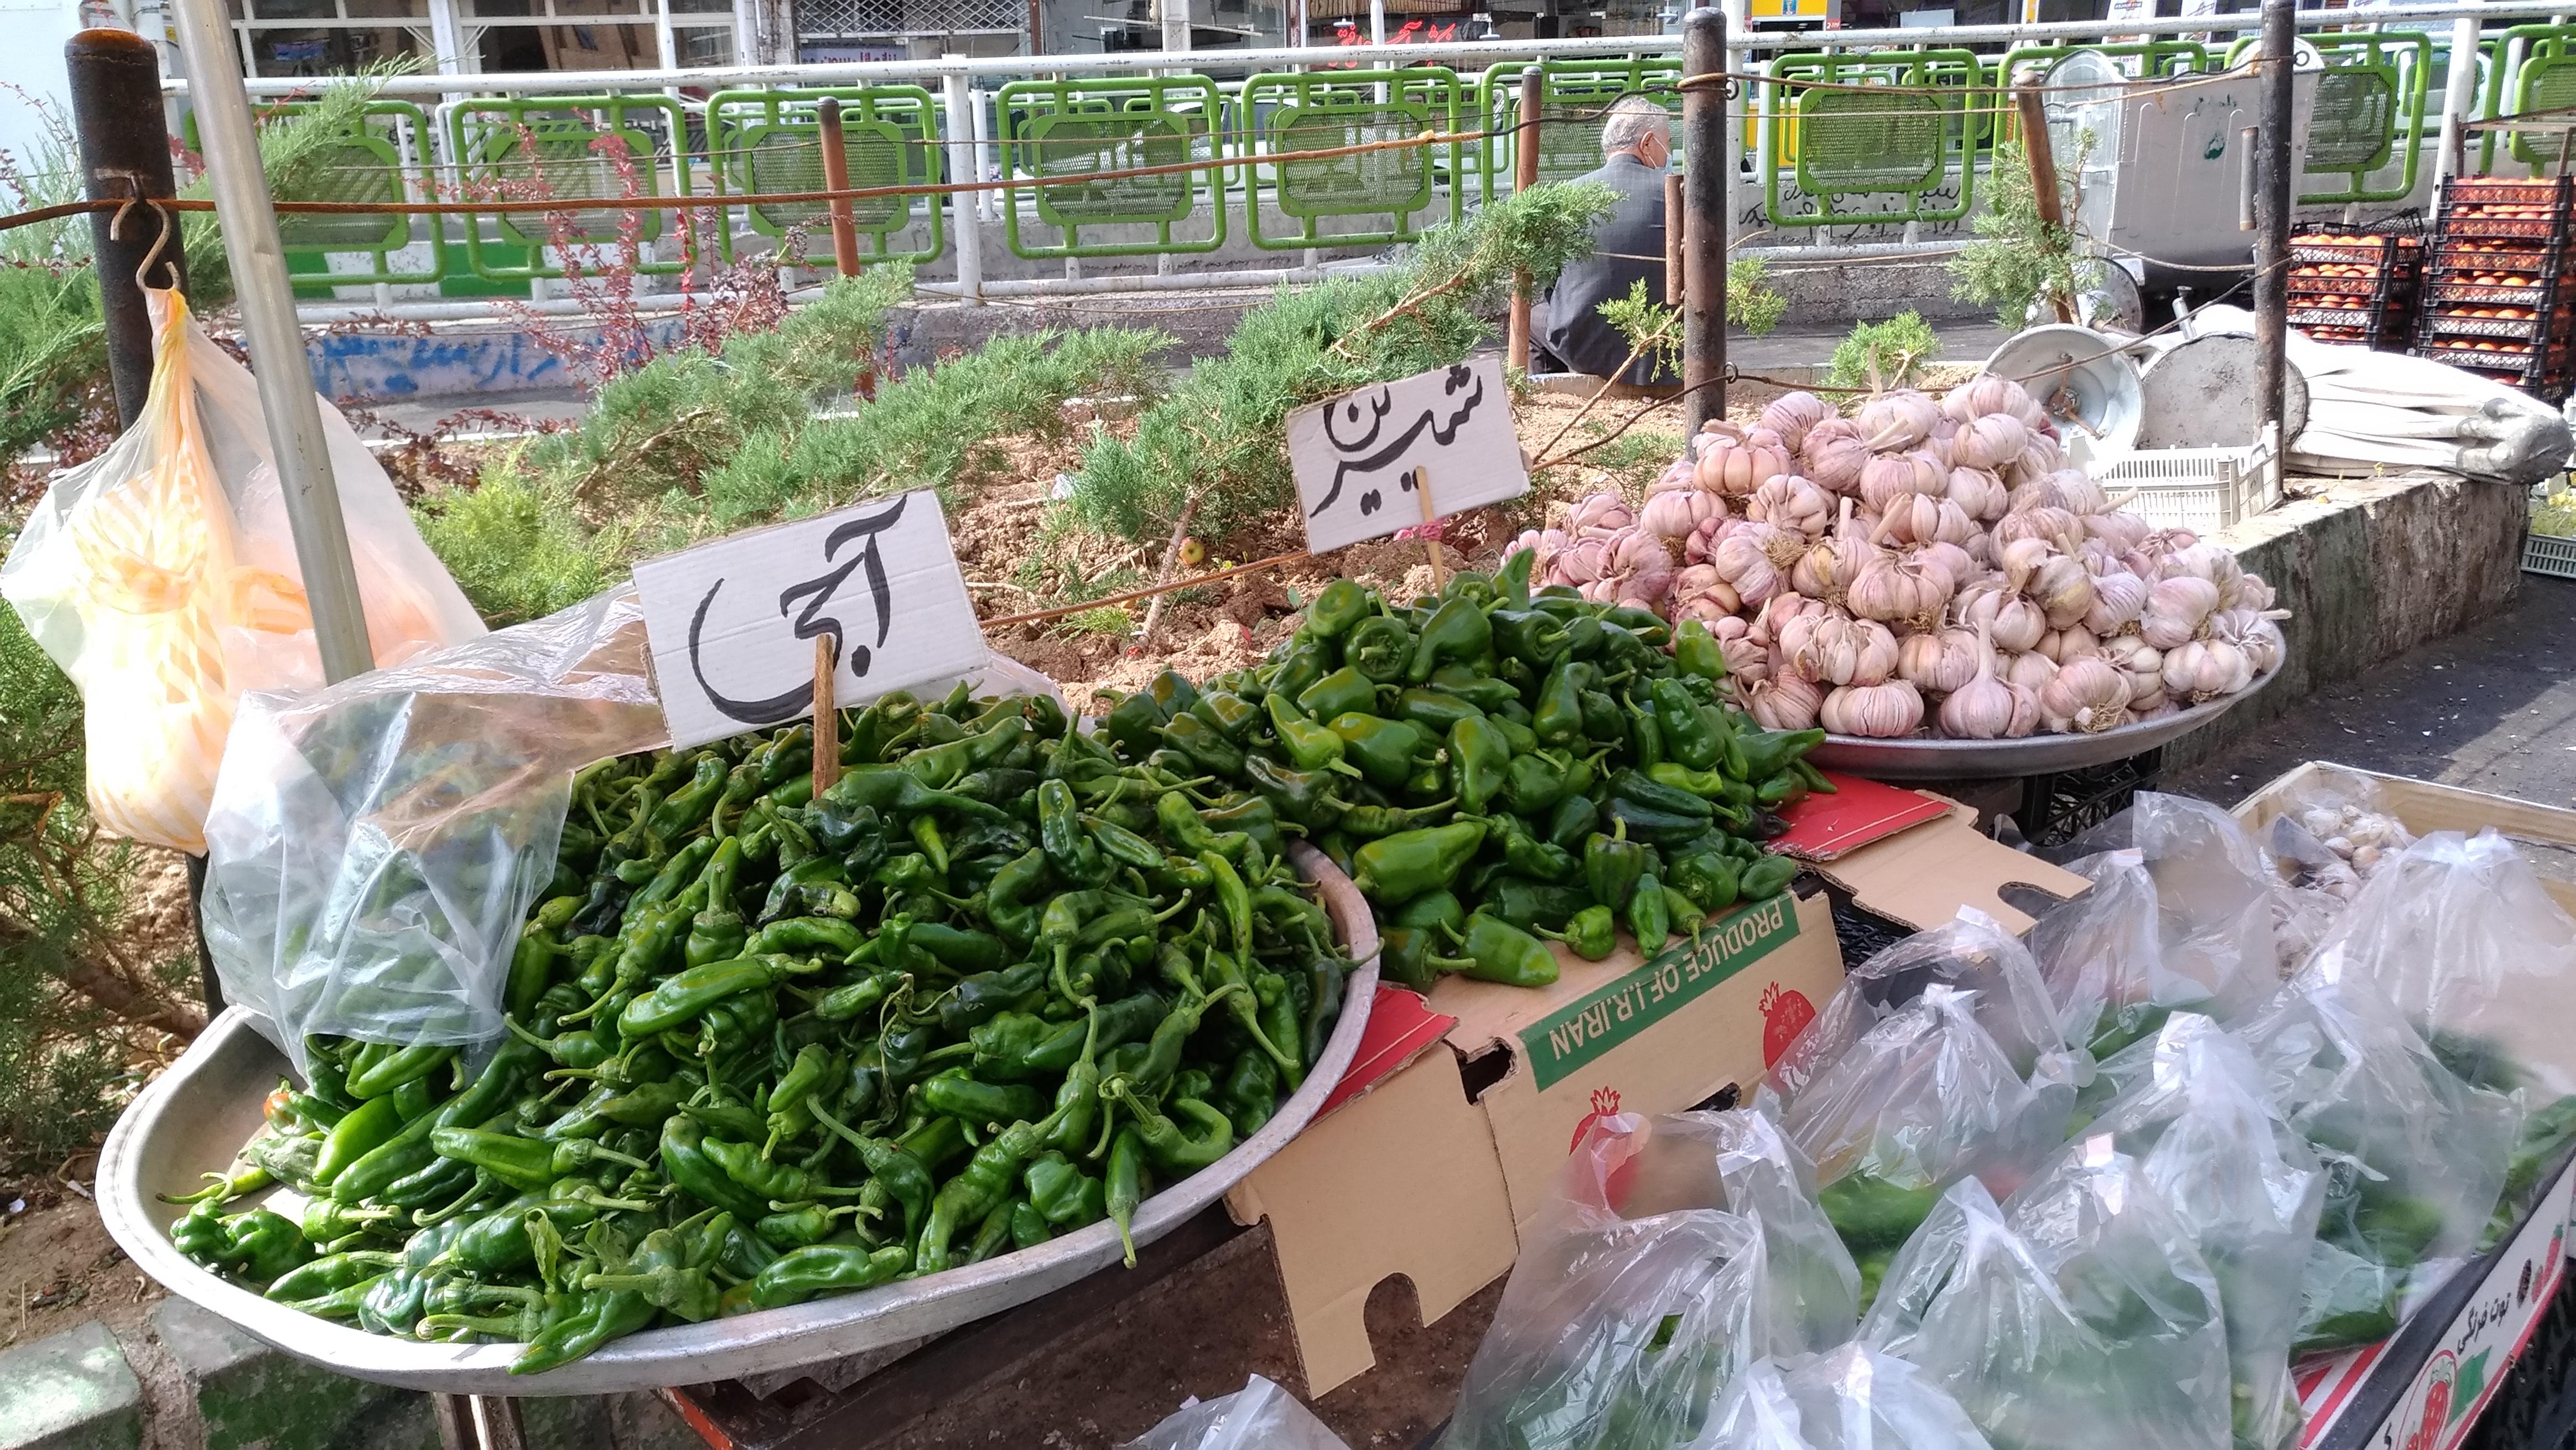 Urmia's produce market (2)